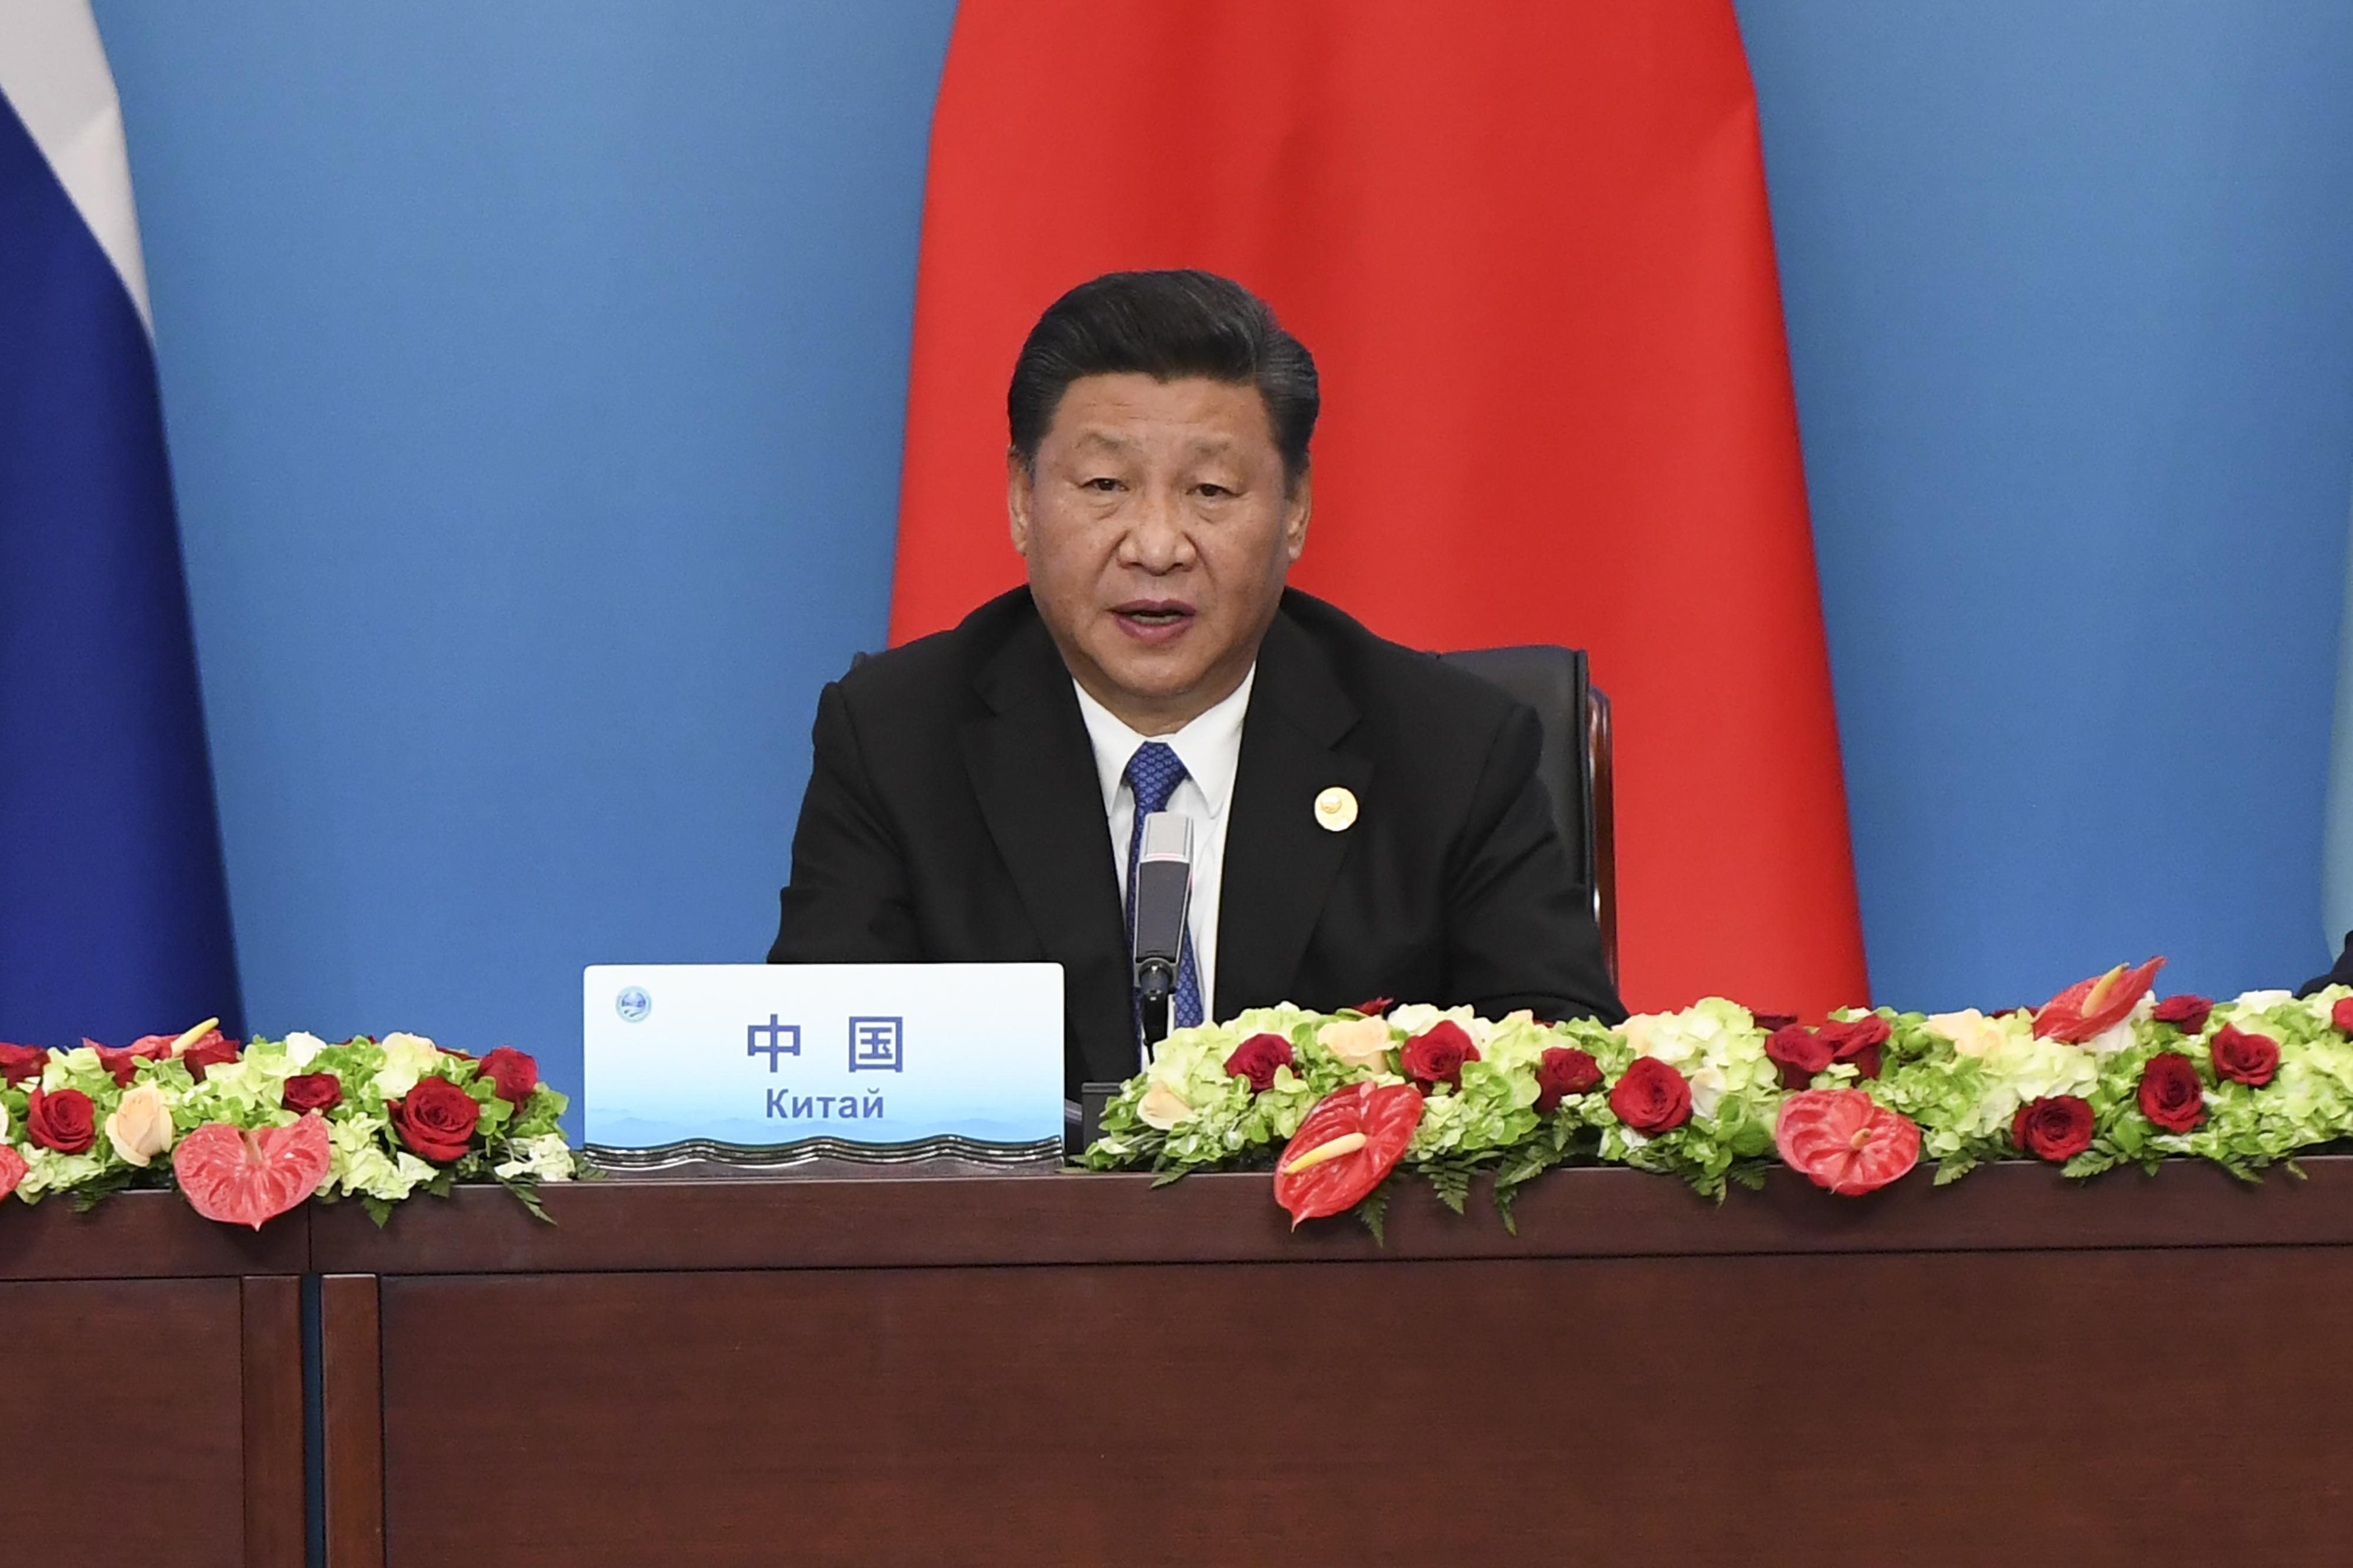 """A kínai elnök az """"önző, rövidlátó, bezárkózó"""" kereskedelempolitika feladását követelte"""